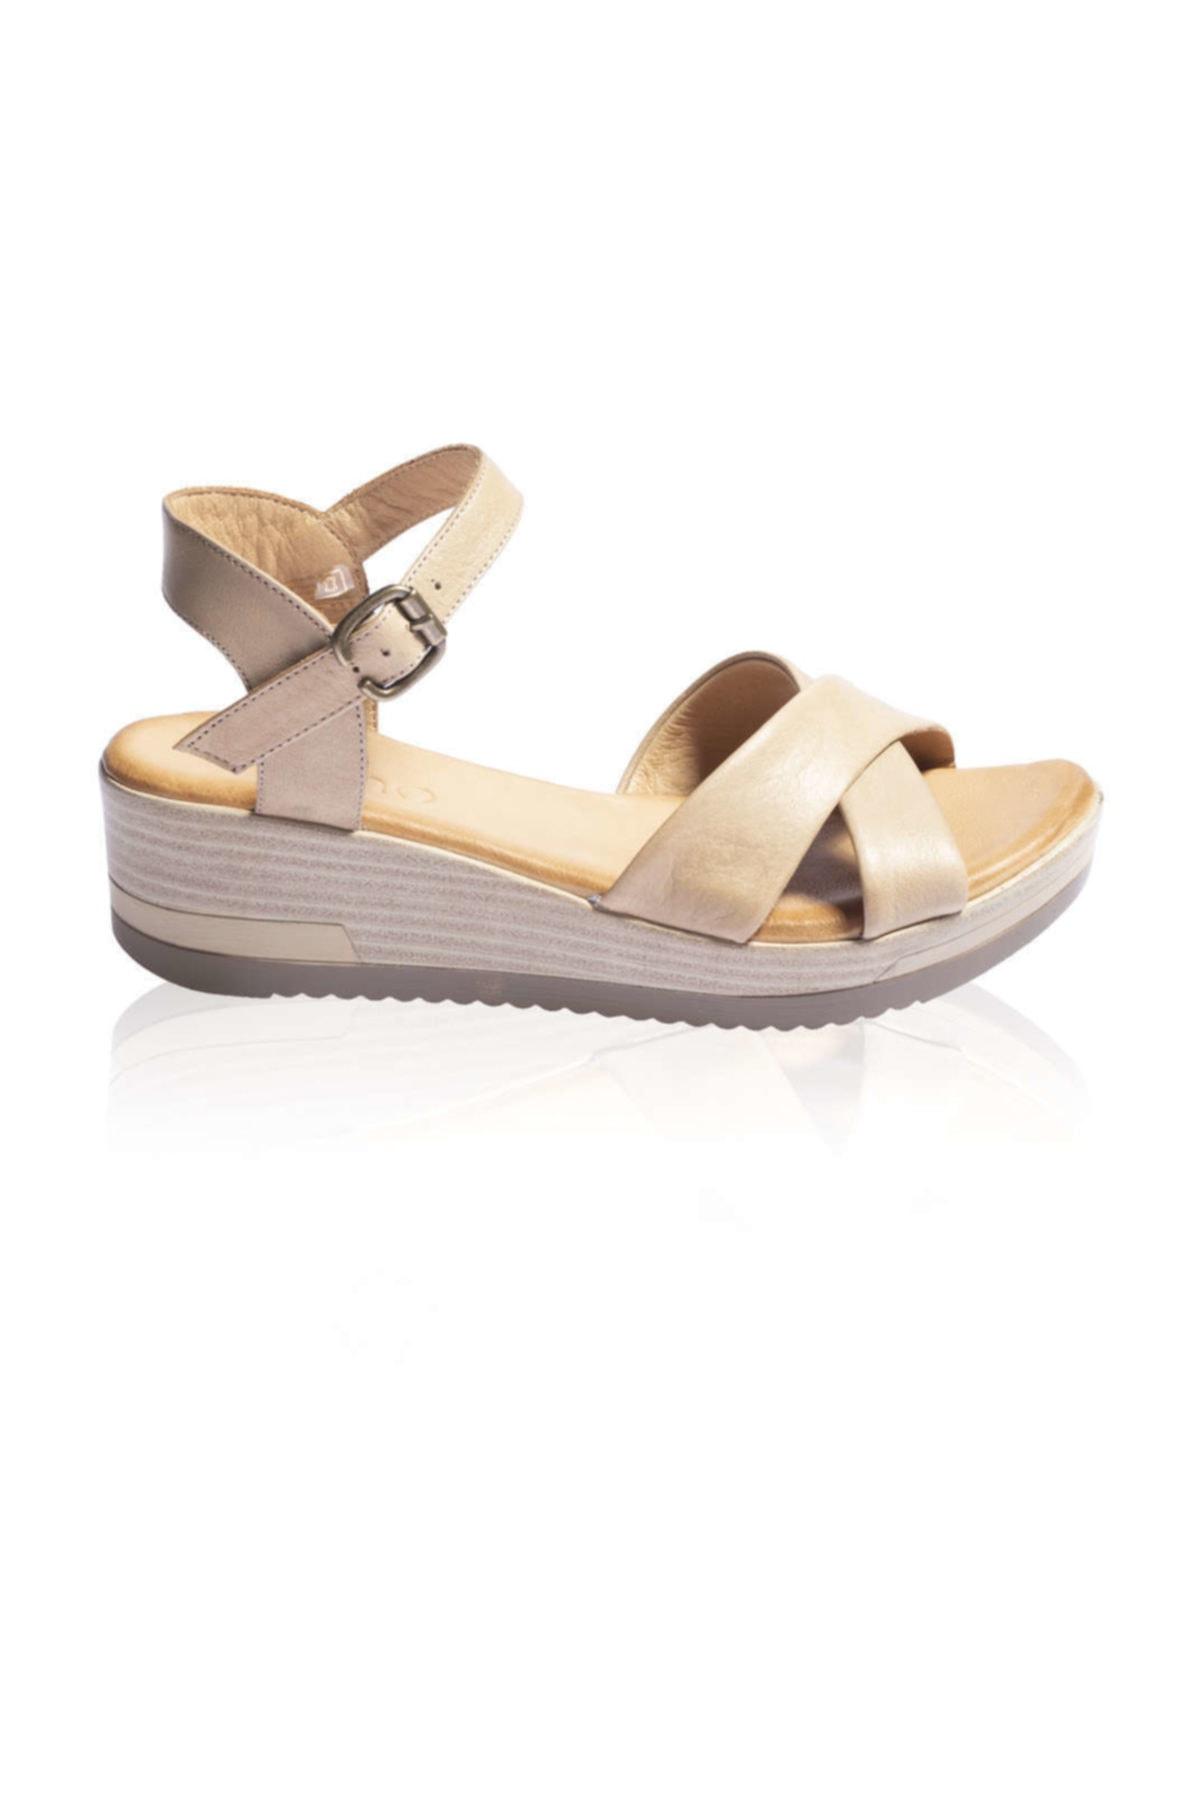 BUENO Shoes Lacivert Bayan Sandalet 9l3303 2